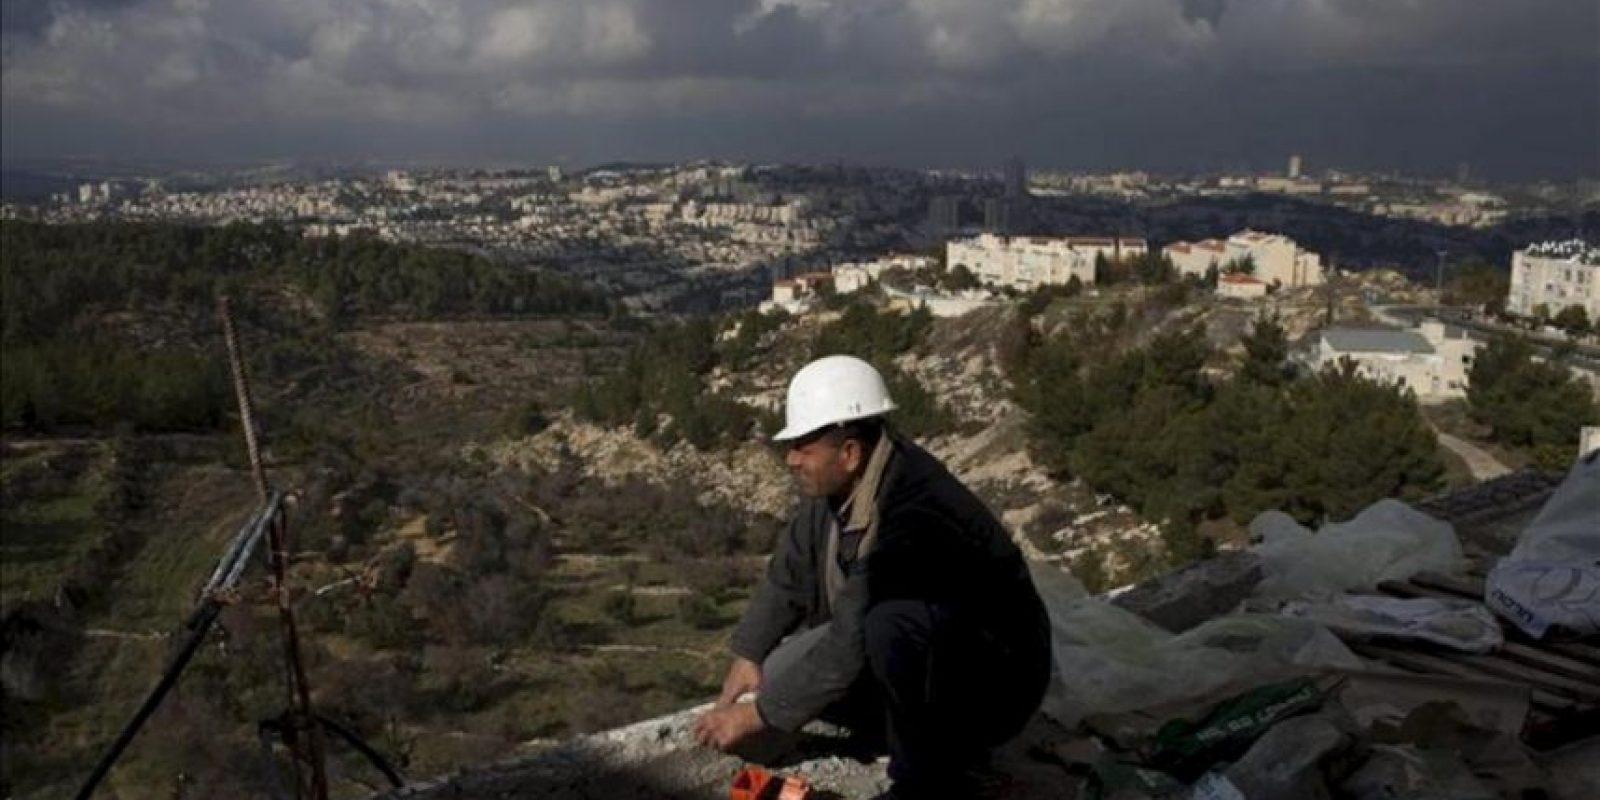 Un palestino trabaja en una obra en el asentamiento judío de Guiló, en Jerusalén. EFE